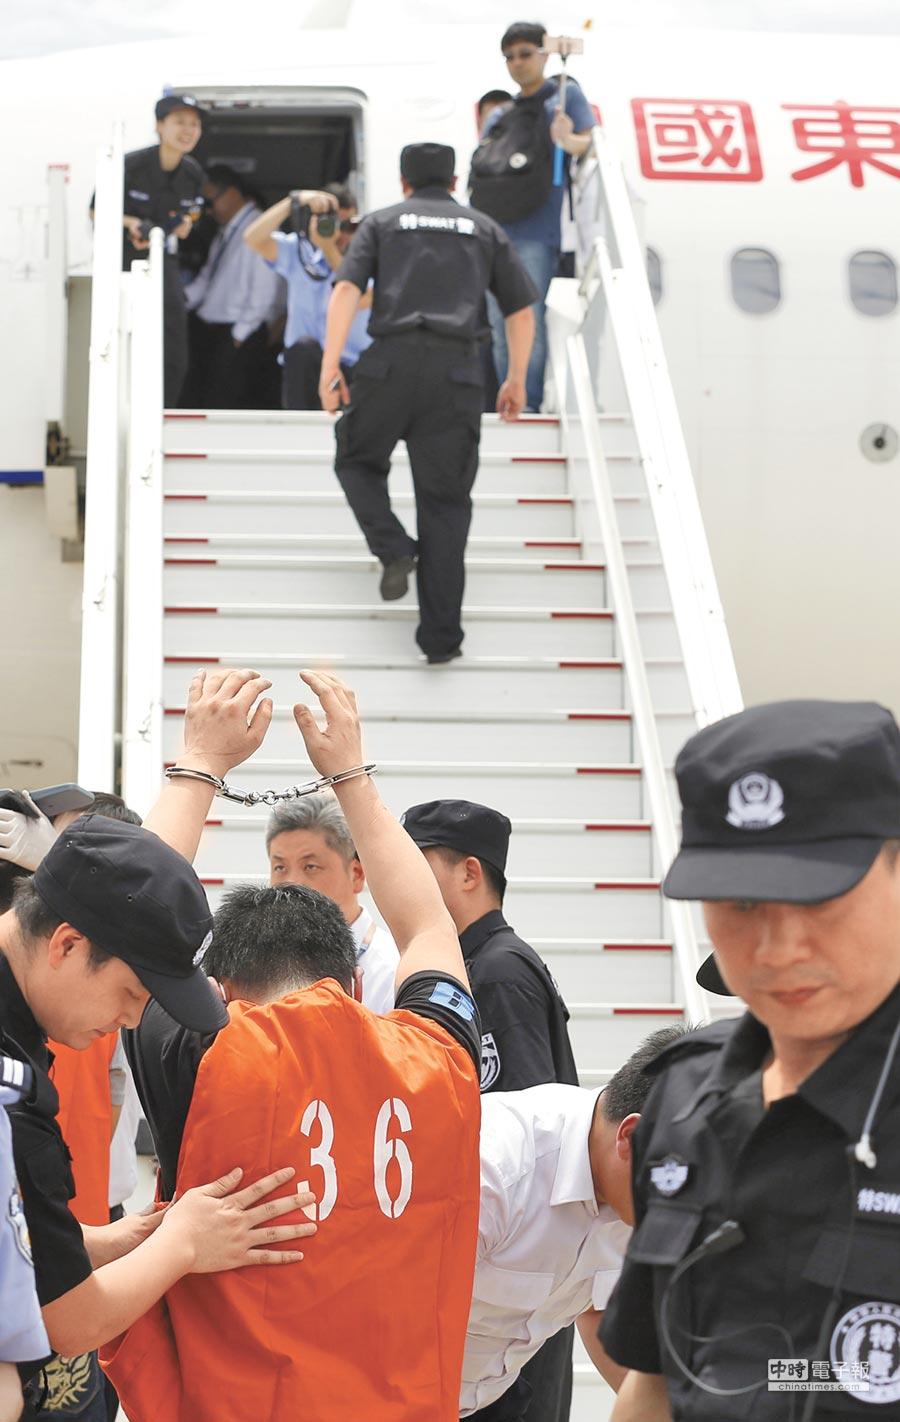 嫌犯在登機前接受檢查。(新華社)